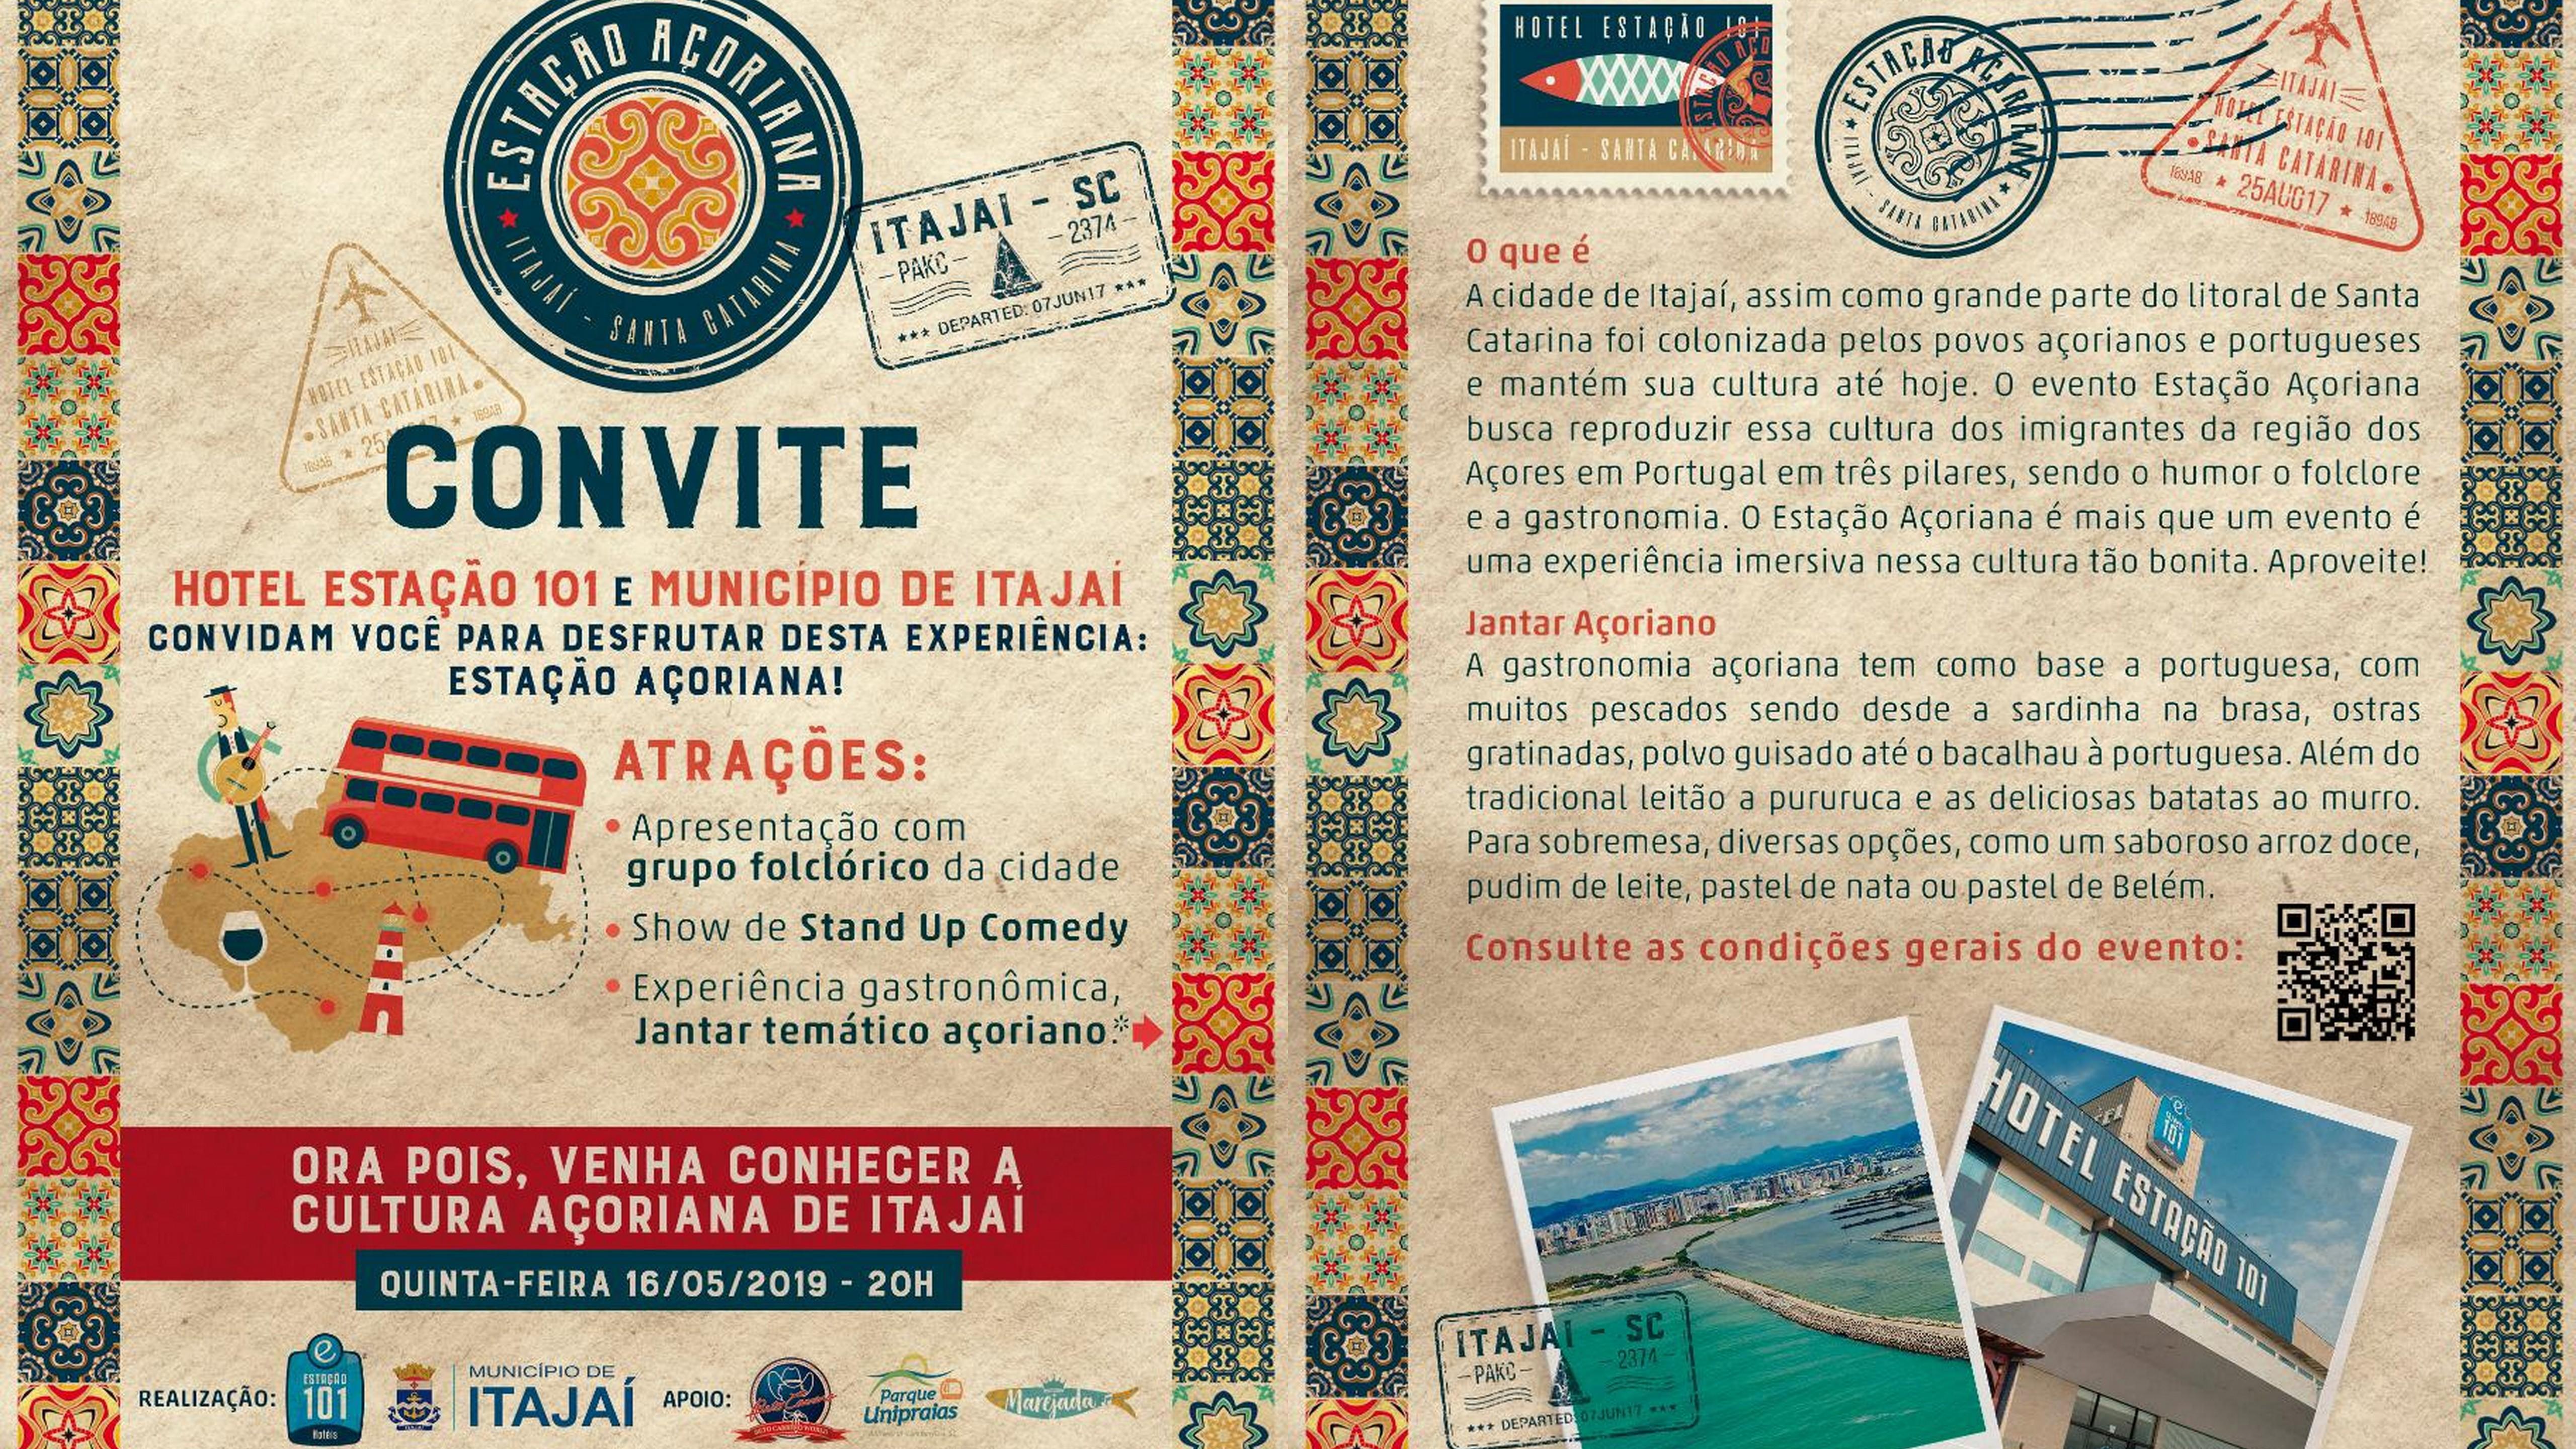 Hotel Estação 101 promove noite açoriana em Itajaí - SC 3